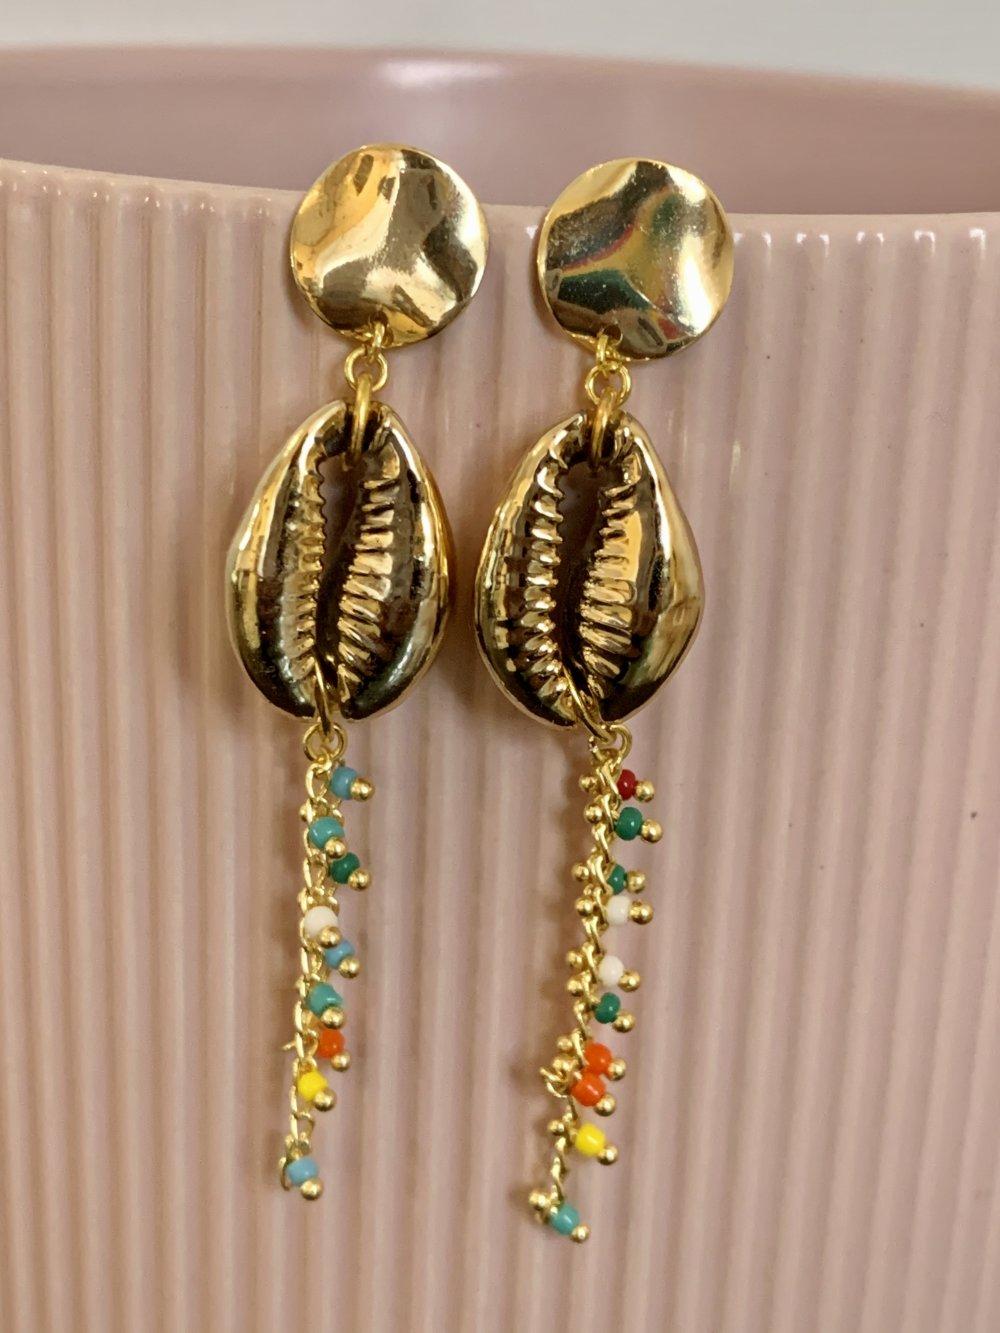 Boucles d'oreilles Femme/Boucles d'oreilles pendantes Cauris bohème/Bijoux d'été Doré